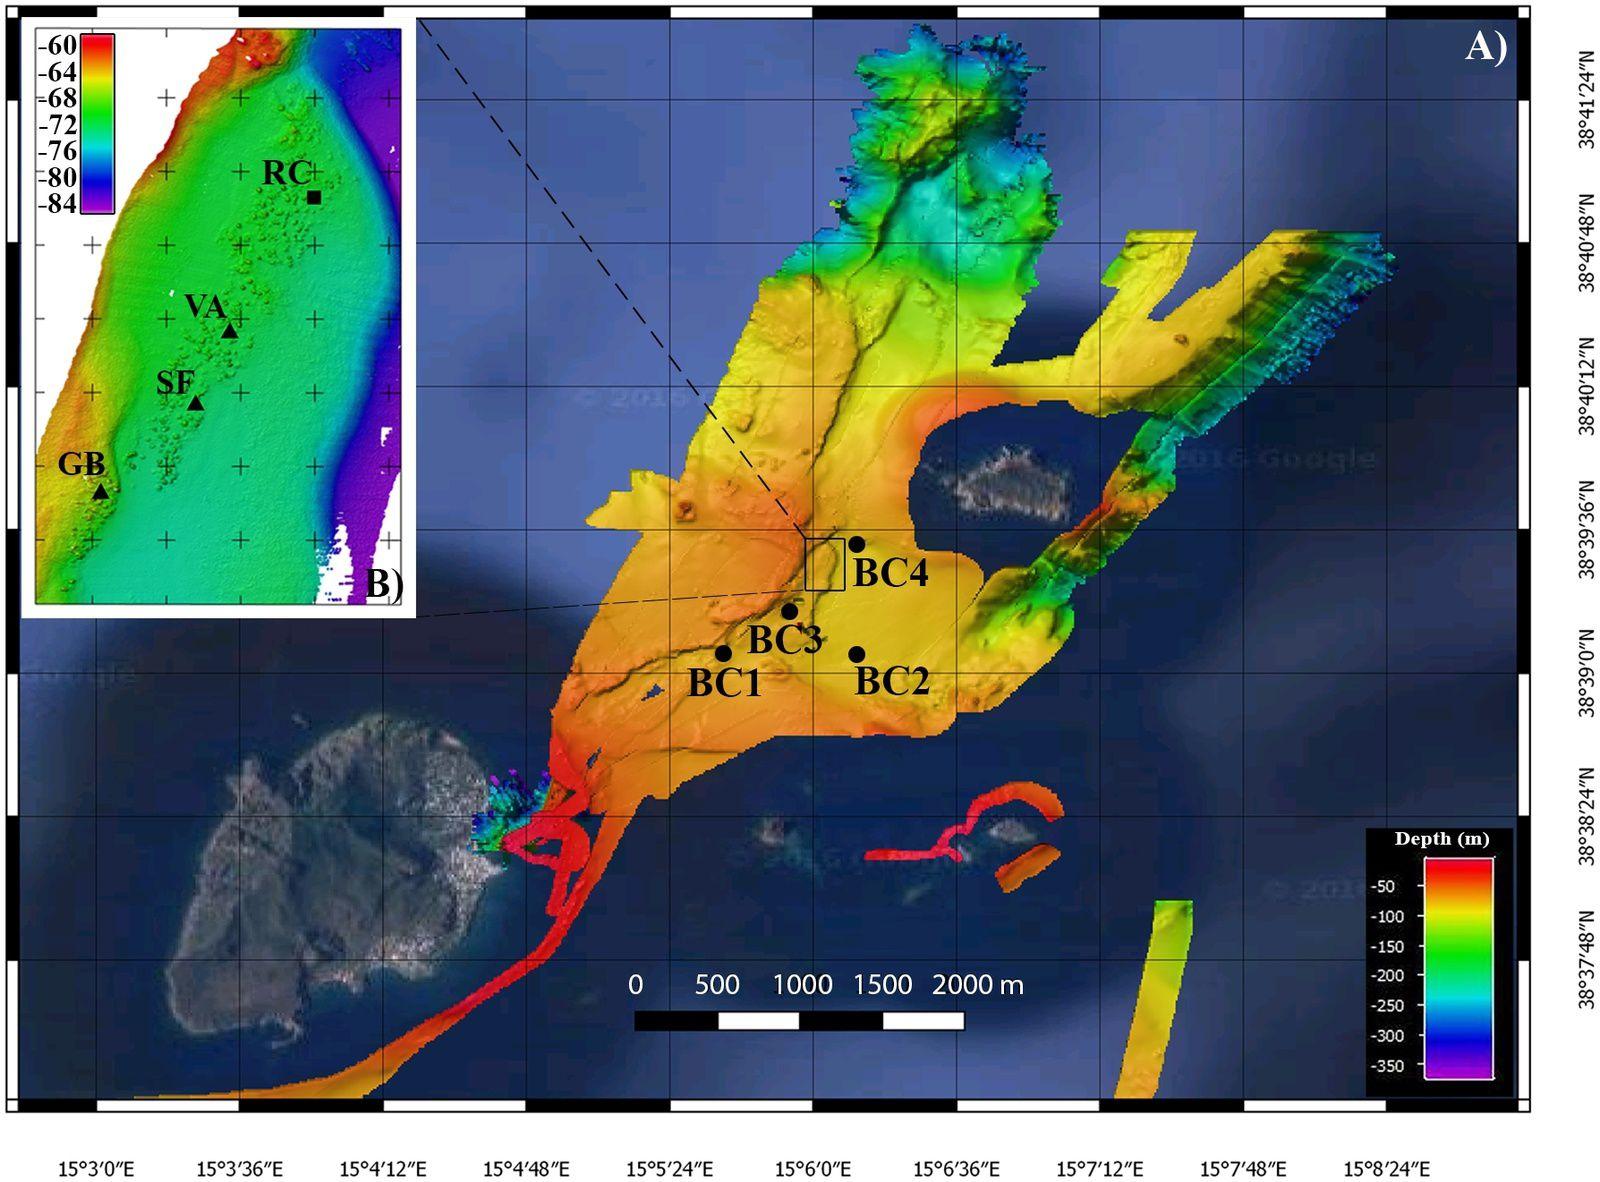 Cartes de bathymétrie à haute résolution.   Carte de toute la zone étudiée, au sud-ouest de l'îlot Basiluzzo. Les points noirs indiquent les stations de chambres benthiques; dans l'encart: carte du champ hydrothermal de Smoking Land (WGS84, UTM33, taille de cellule 20x20 cm, exagération verticale 3X). Les triangles noirs indiquent l'emplacement des cheminées échantillonnées, tandis que le carré noir indique l'emplacement de la cheminée reconstruite sur la base d'images vidéo HD. - Extrait du document cité en source.